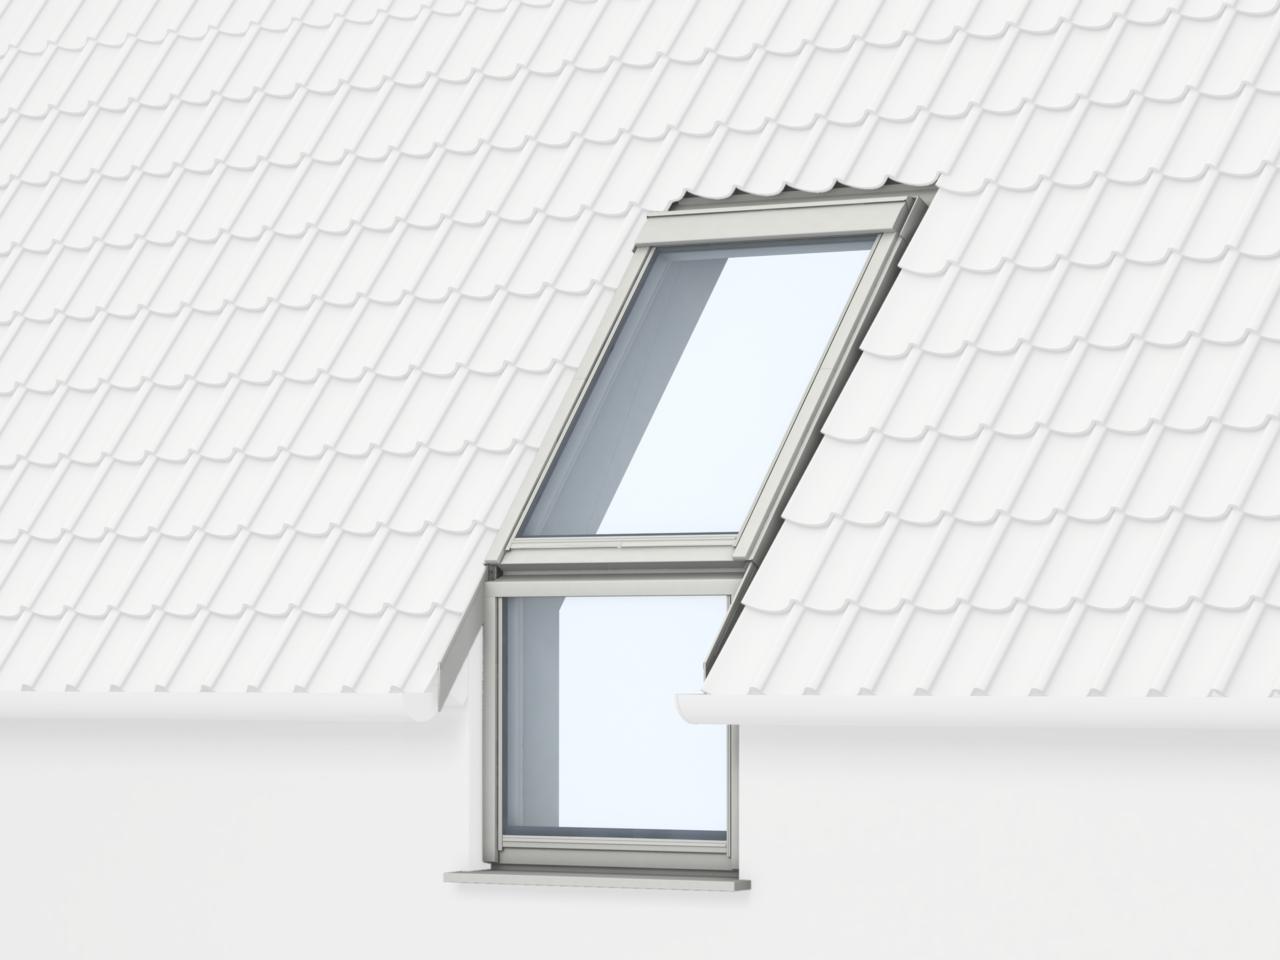 Posizionamento e misure delle finestre per tetti for Finestra scorrevole verticale